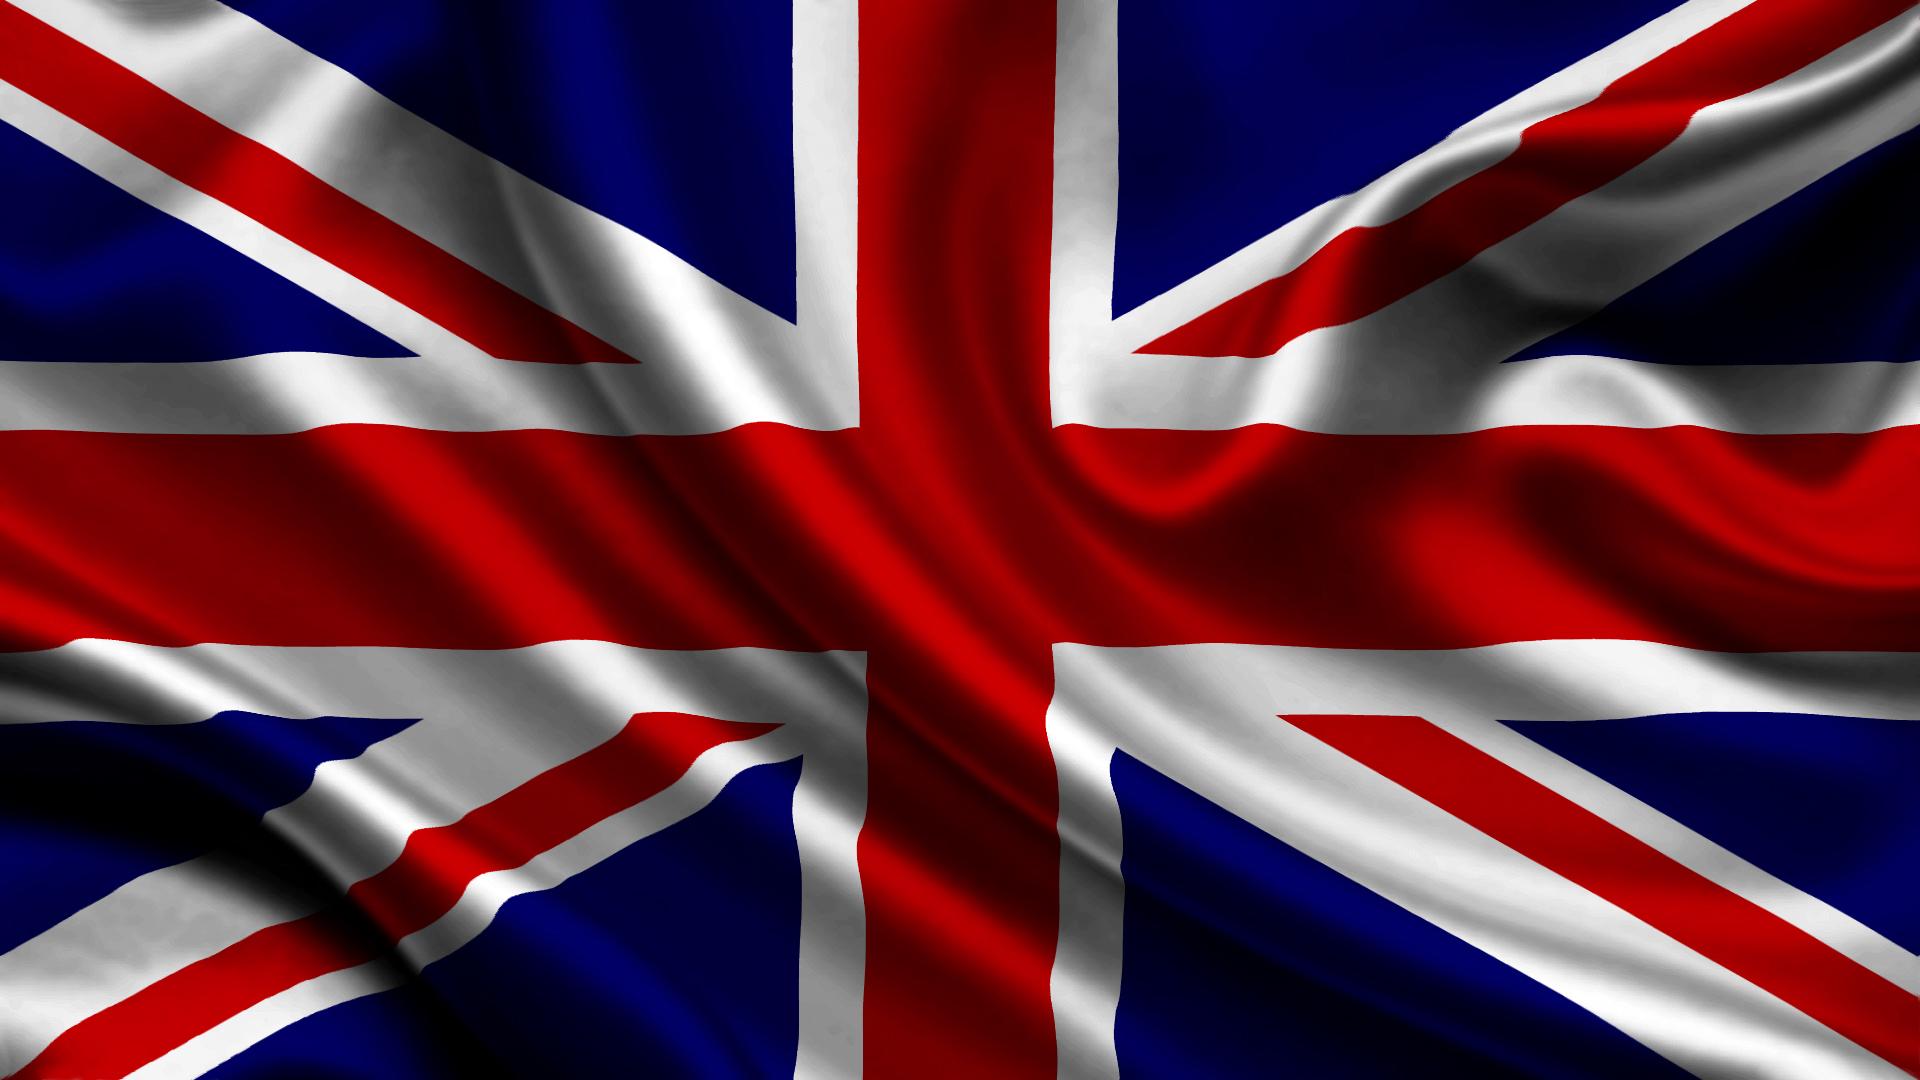 Los CEOs del Reino Unido se muestran optimistas a pesar de las preocupaciones